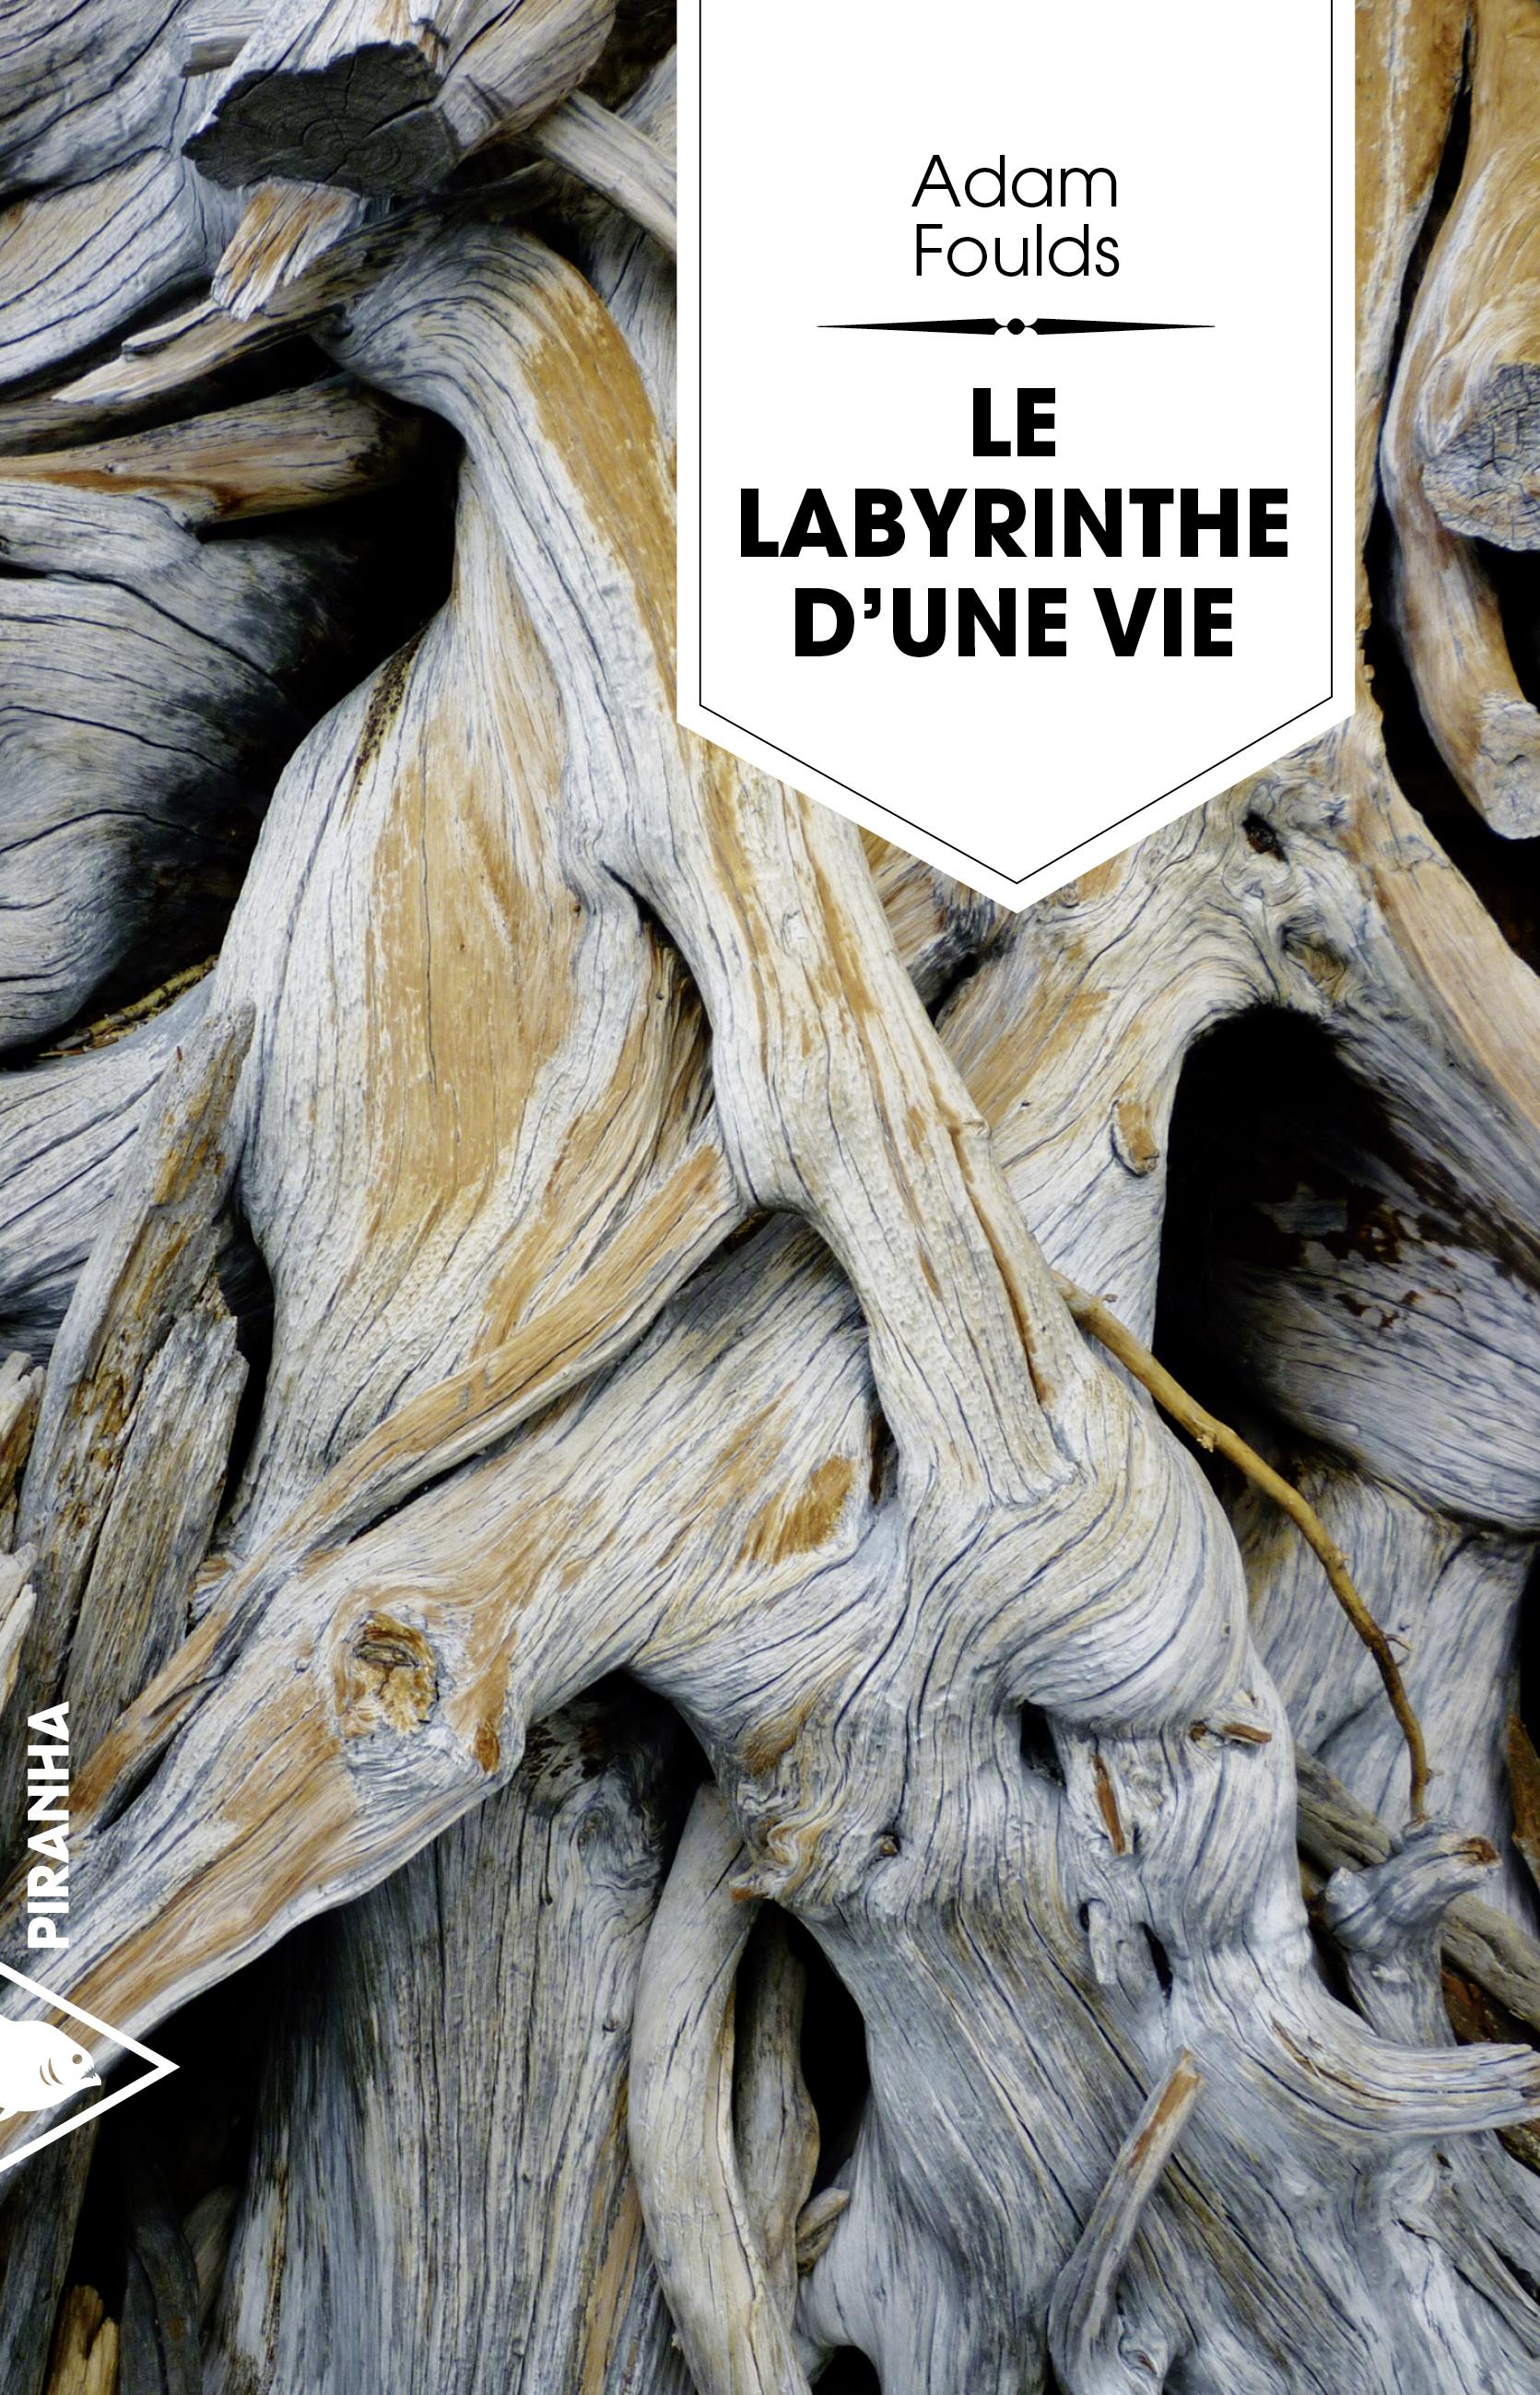 Le labyrinthe d'une vie | FOULDS, Adam